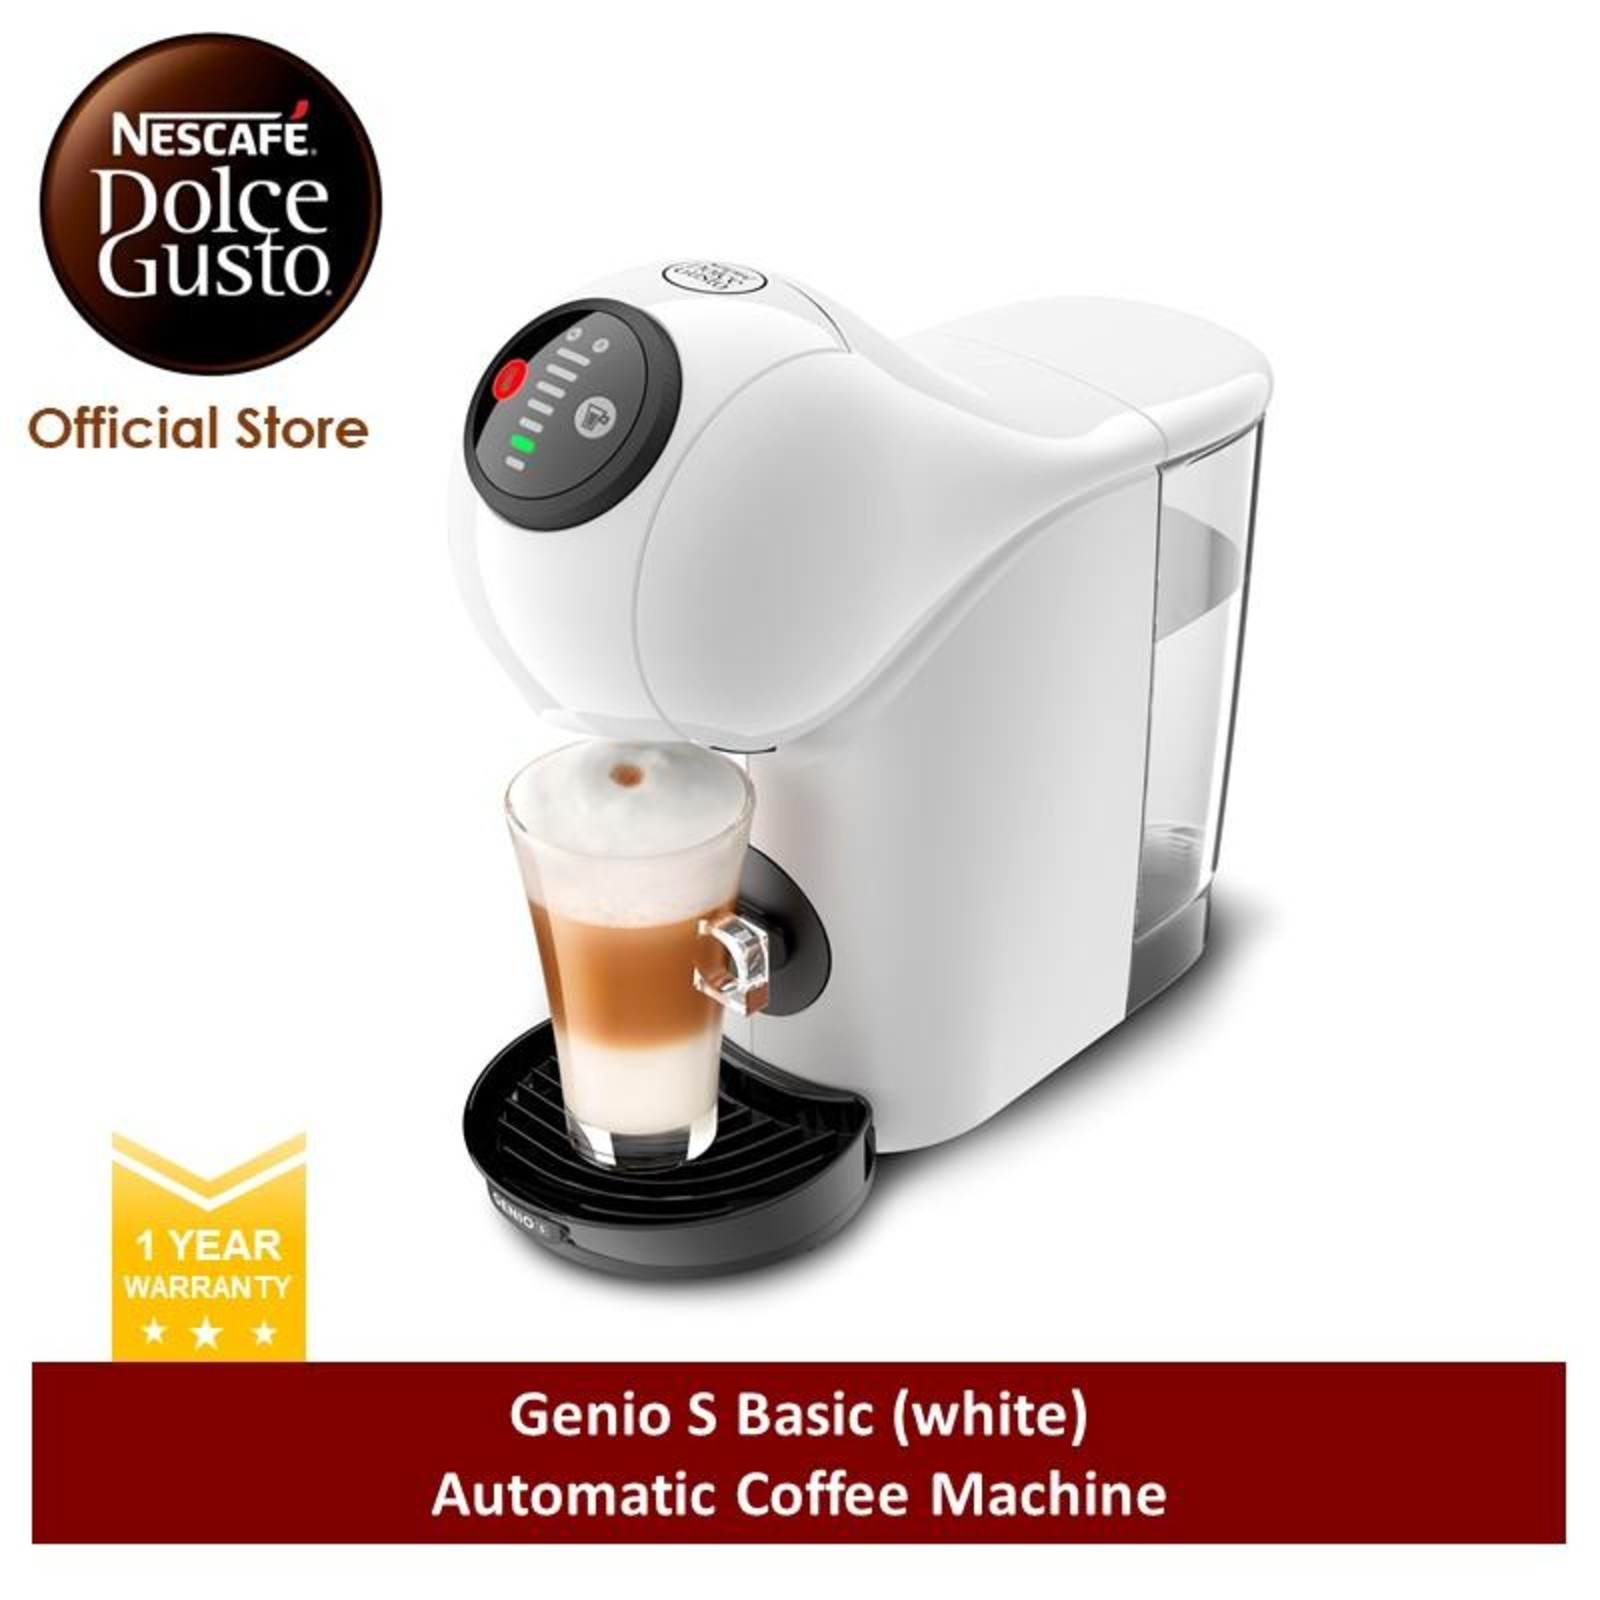 NESCAFE Dolce Gusto Genio S Basic Coffee Machine(W)